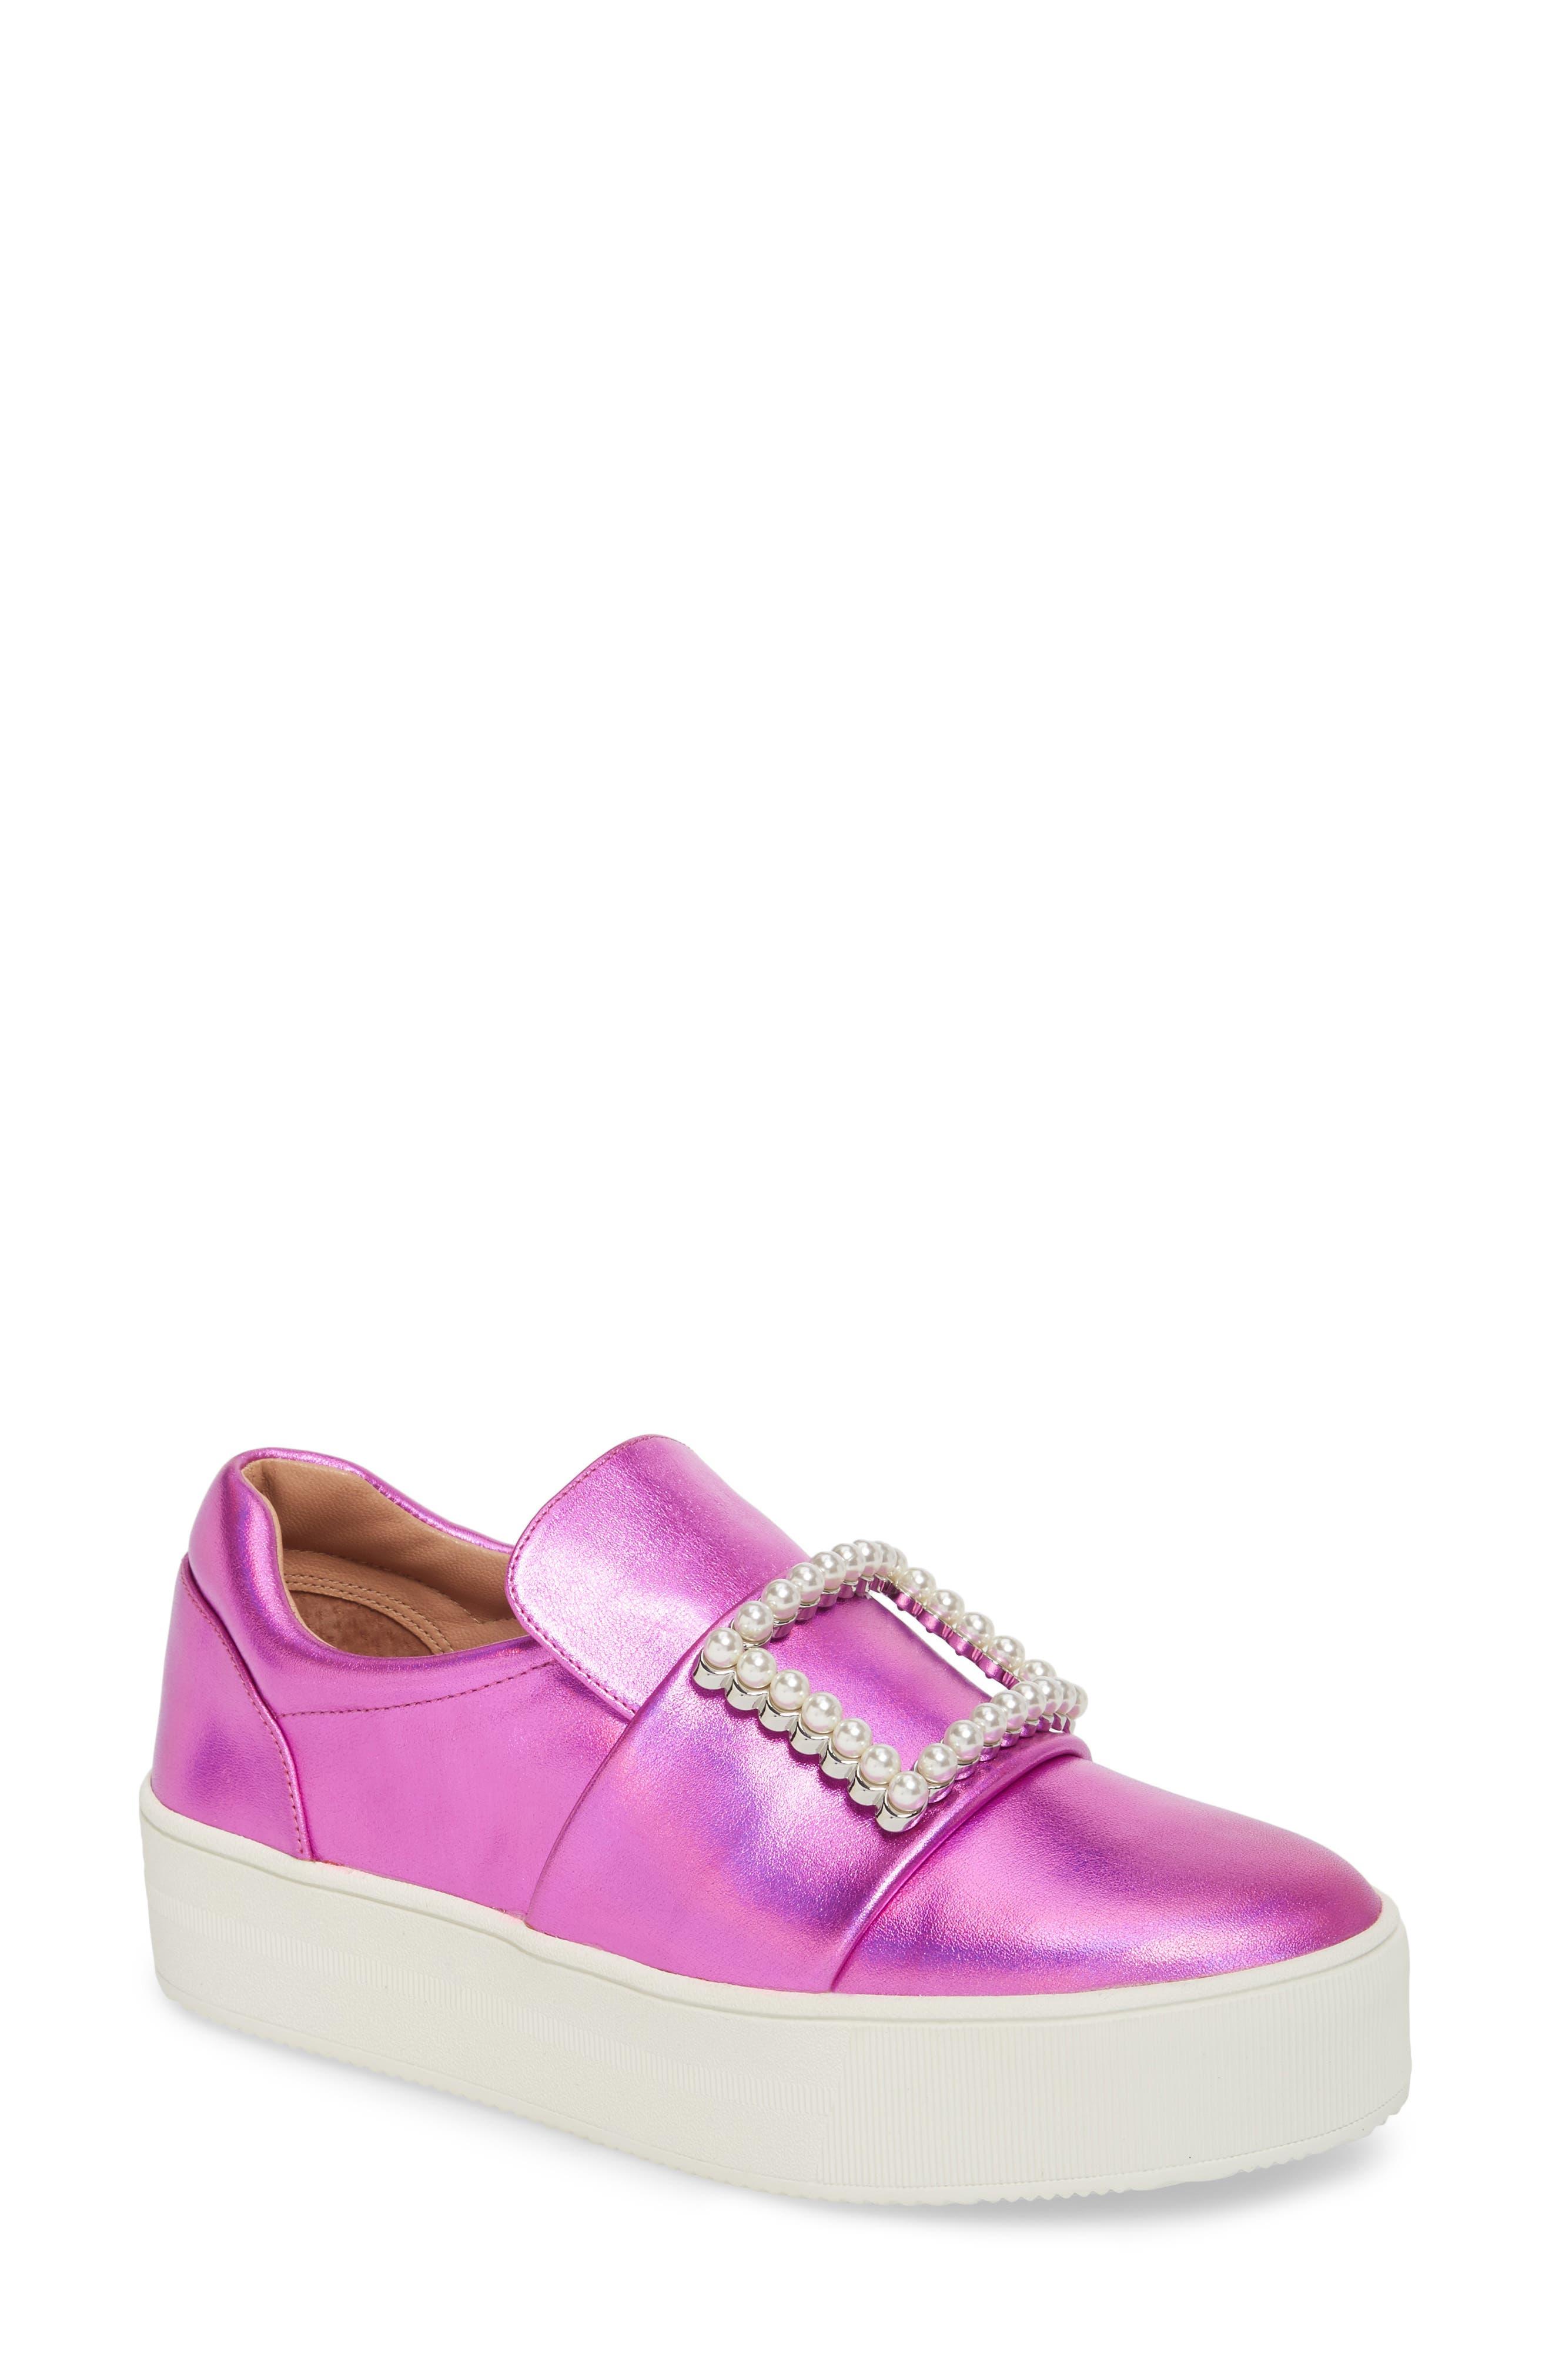 Linea Paolo Val Slip-On Sneaker (Women)